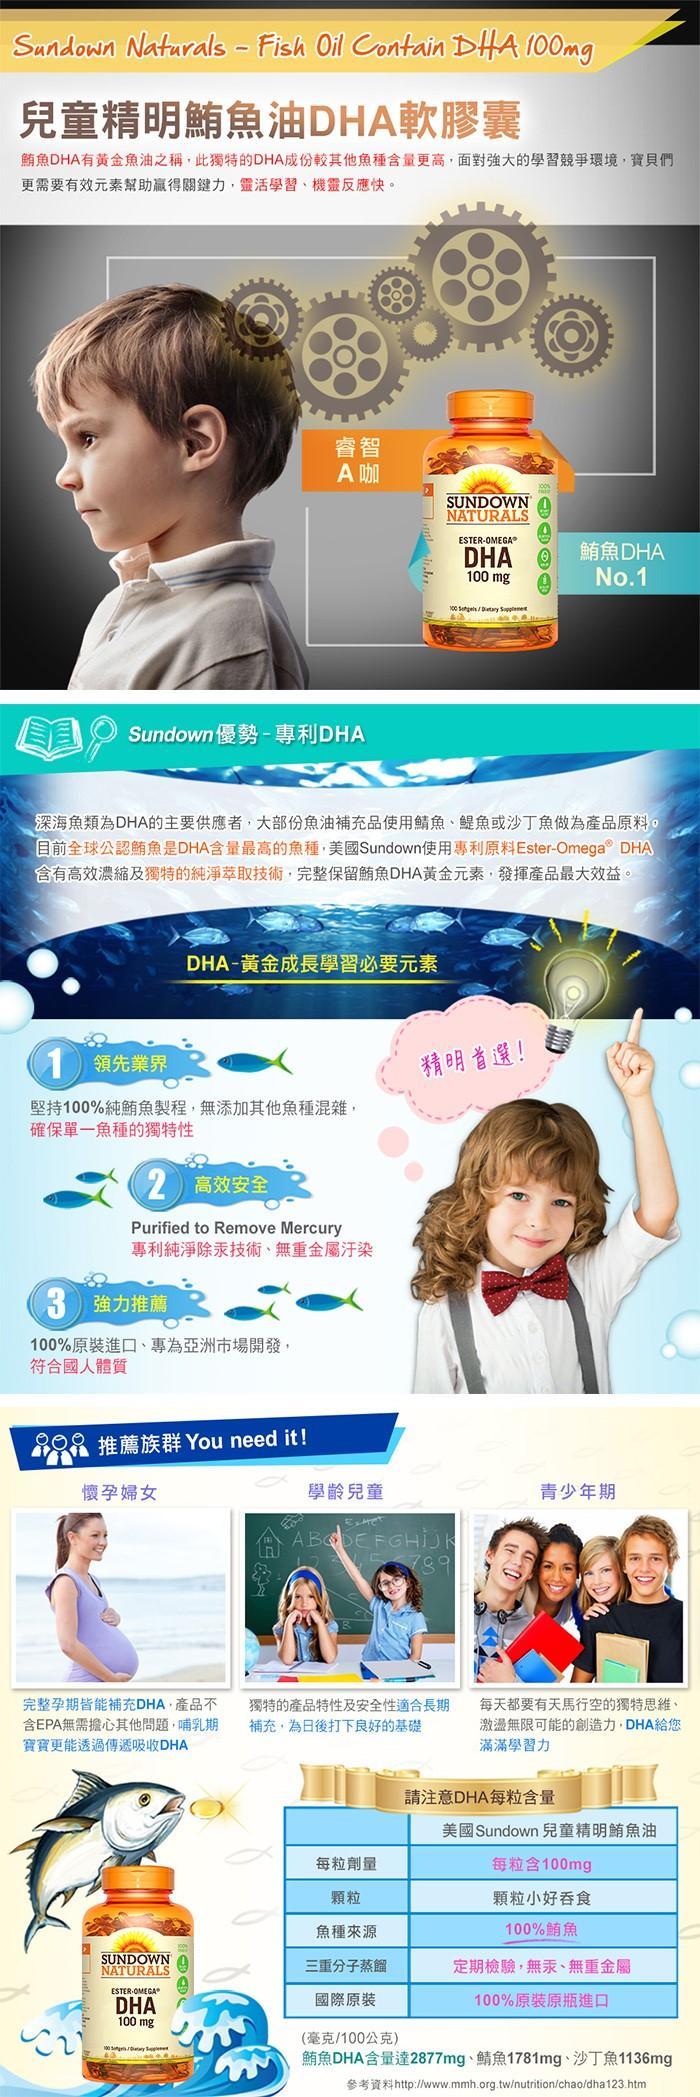 Sundown日落恩賜-兒童精明鮪魚油DHA軟膠囊產品說明。